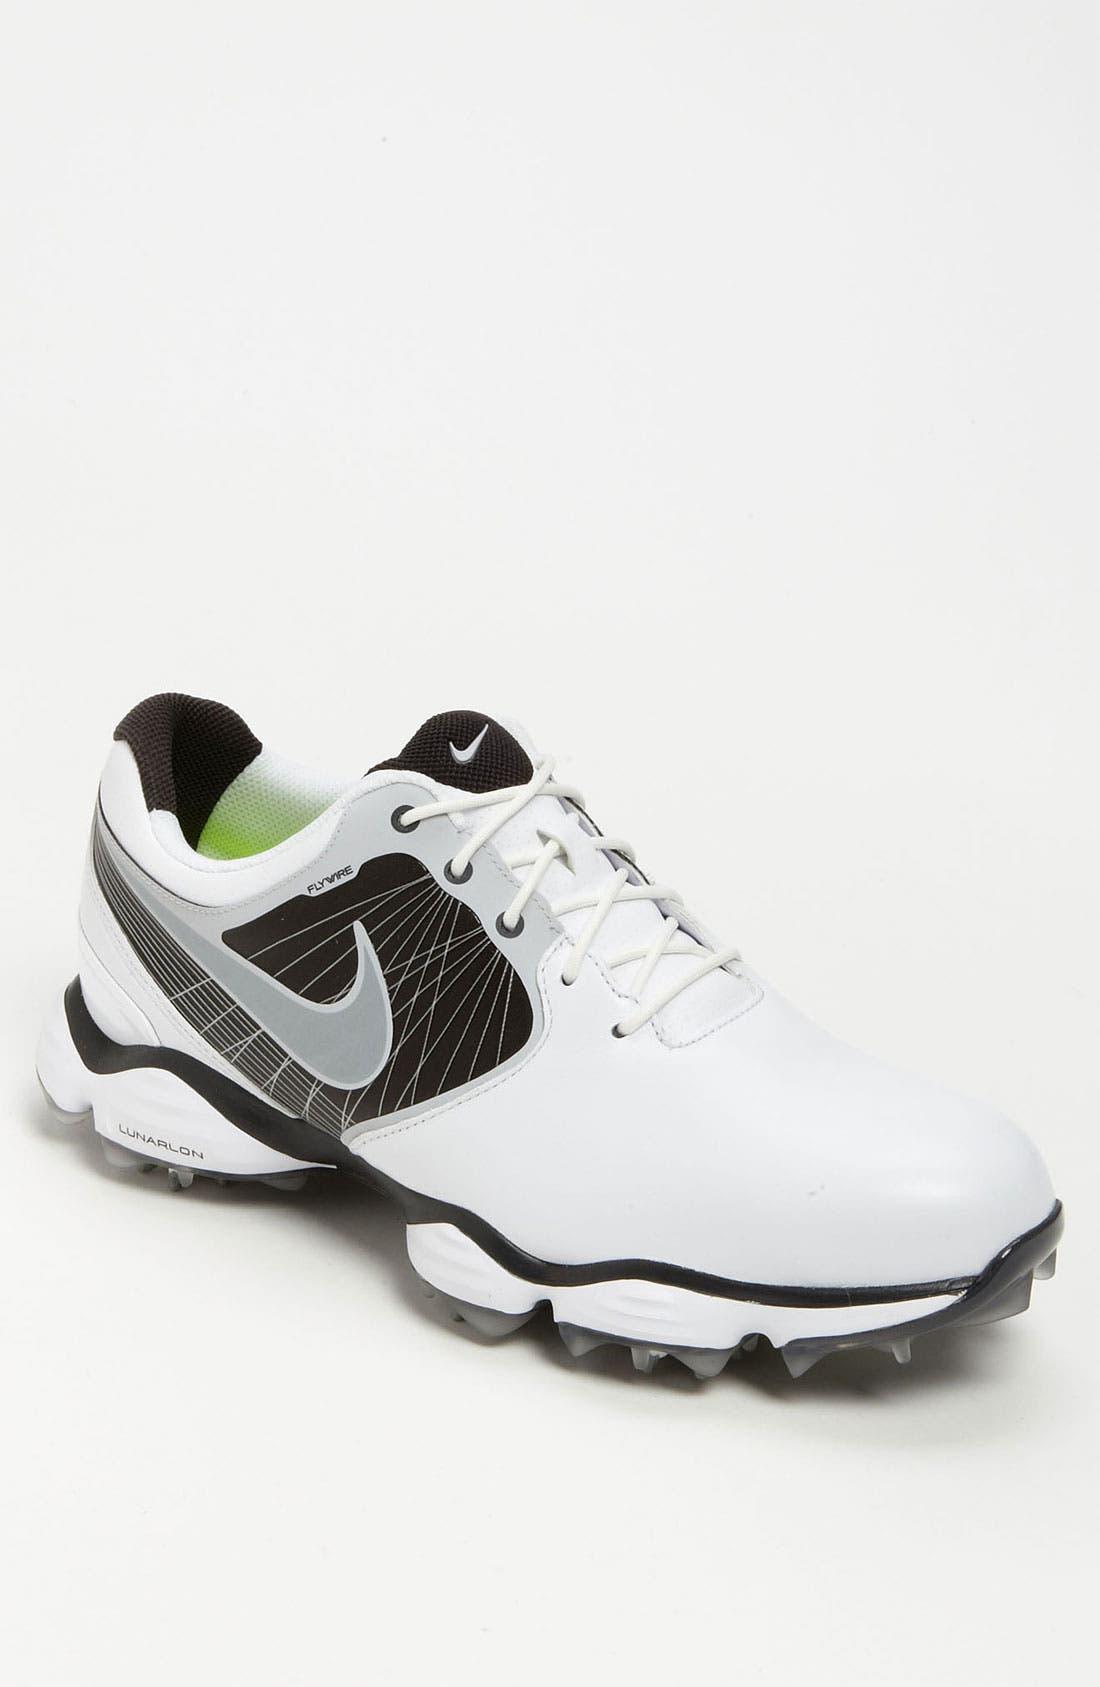 Main Image - Nike 'Lunar Control II' Golf Shoe (Men)